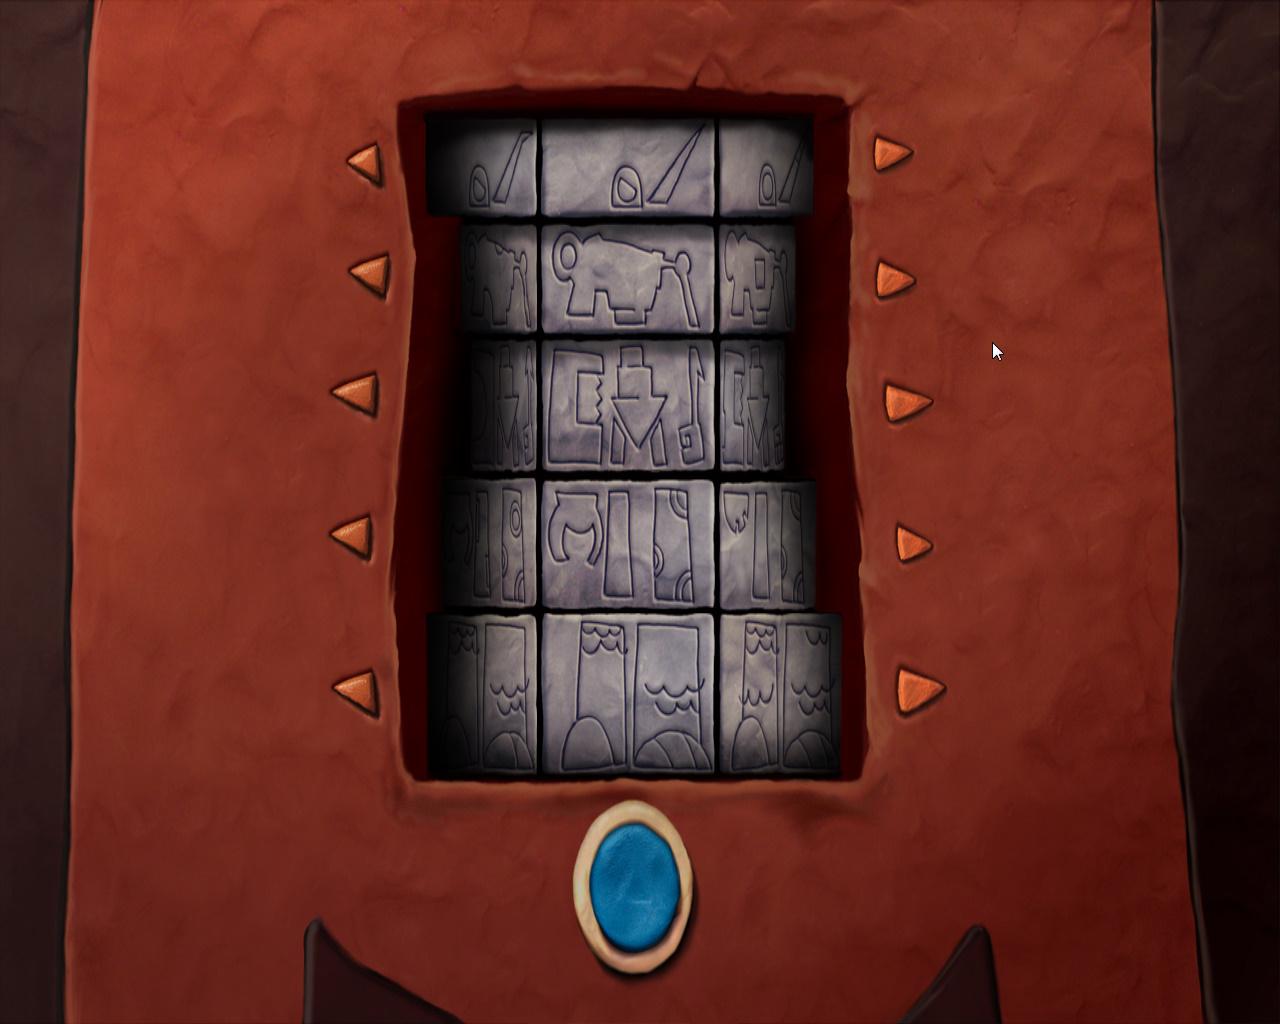 Армикрог - Код для выстрела пушки в гнездо (уровень 3)